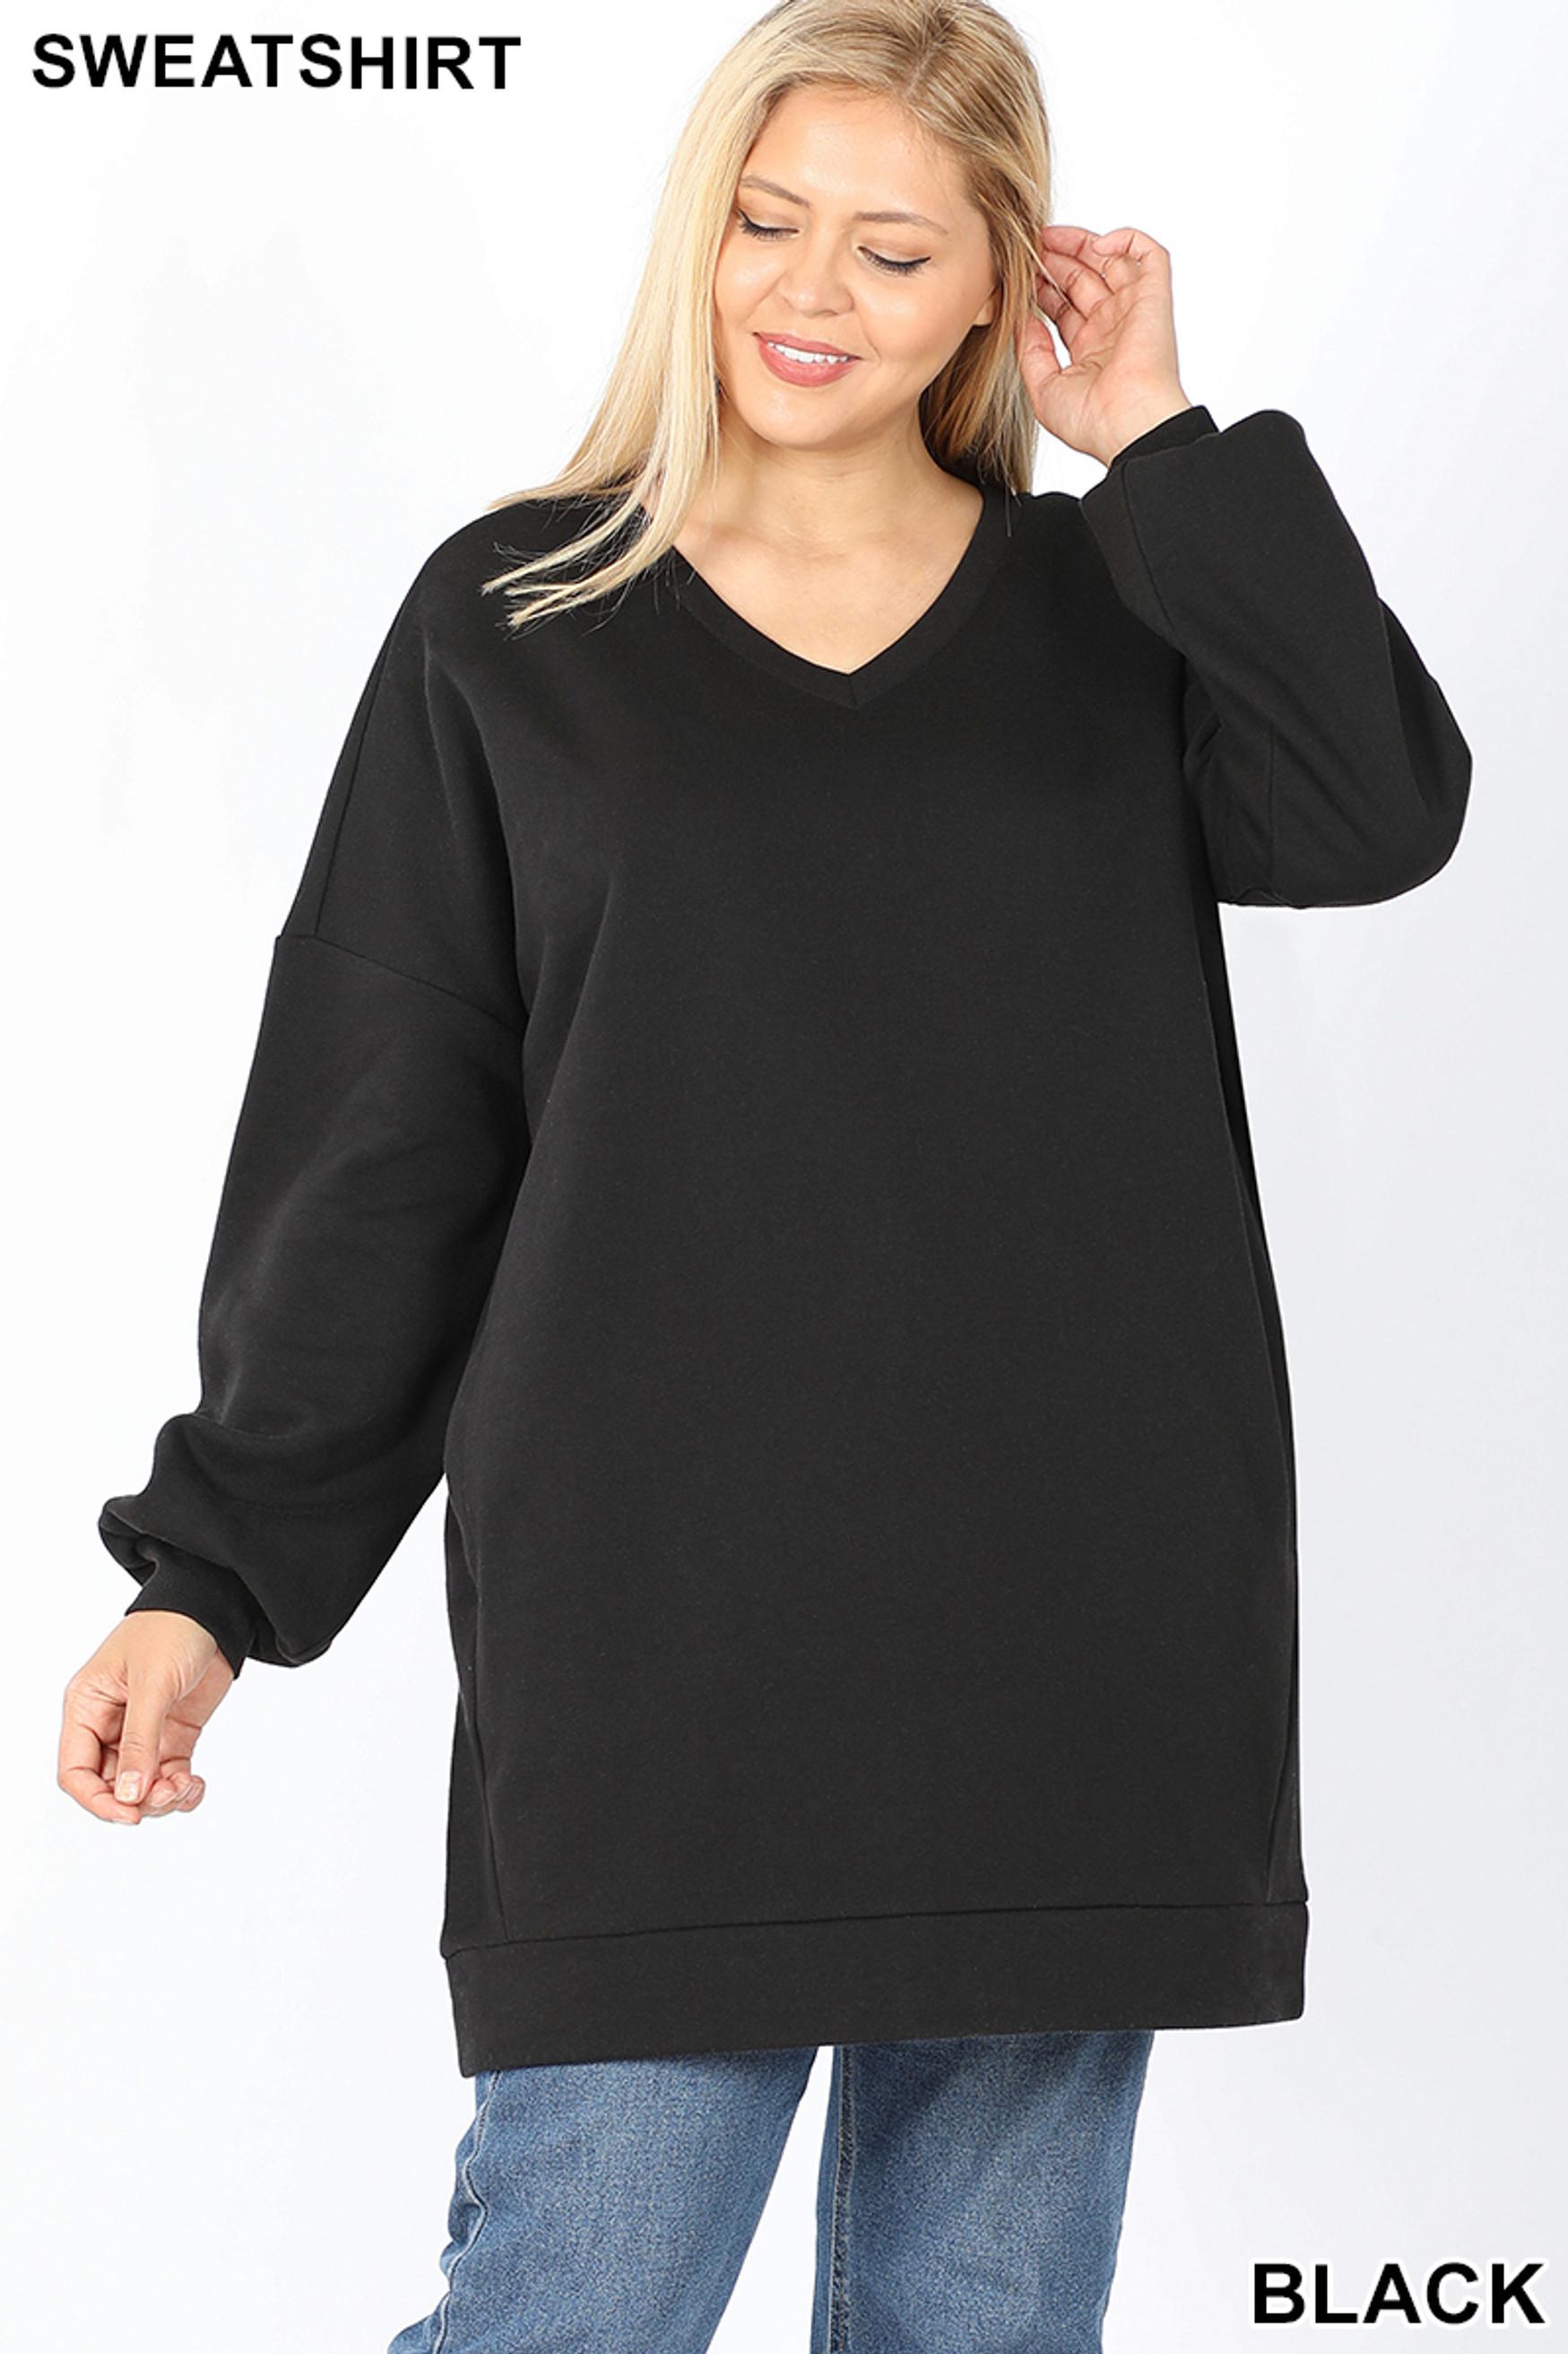 Front image of Black Oversized V-Neck Longline Plus Size Sweatshirt with Pockets